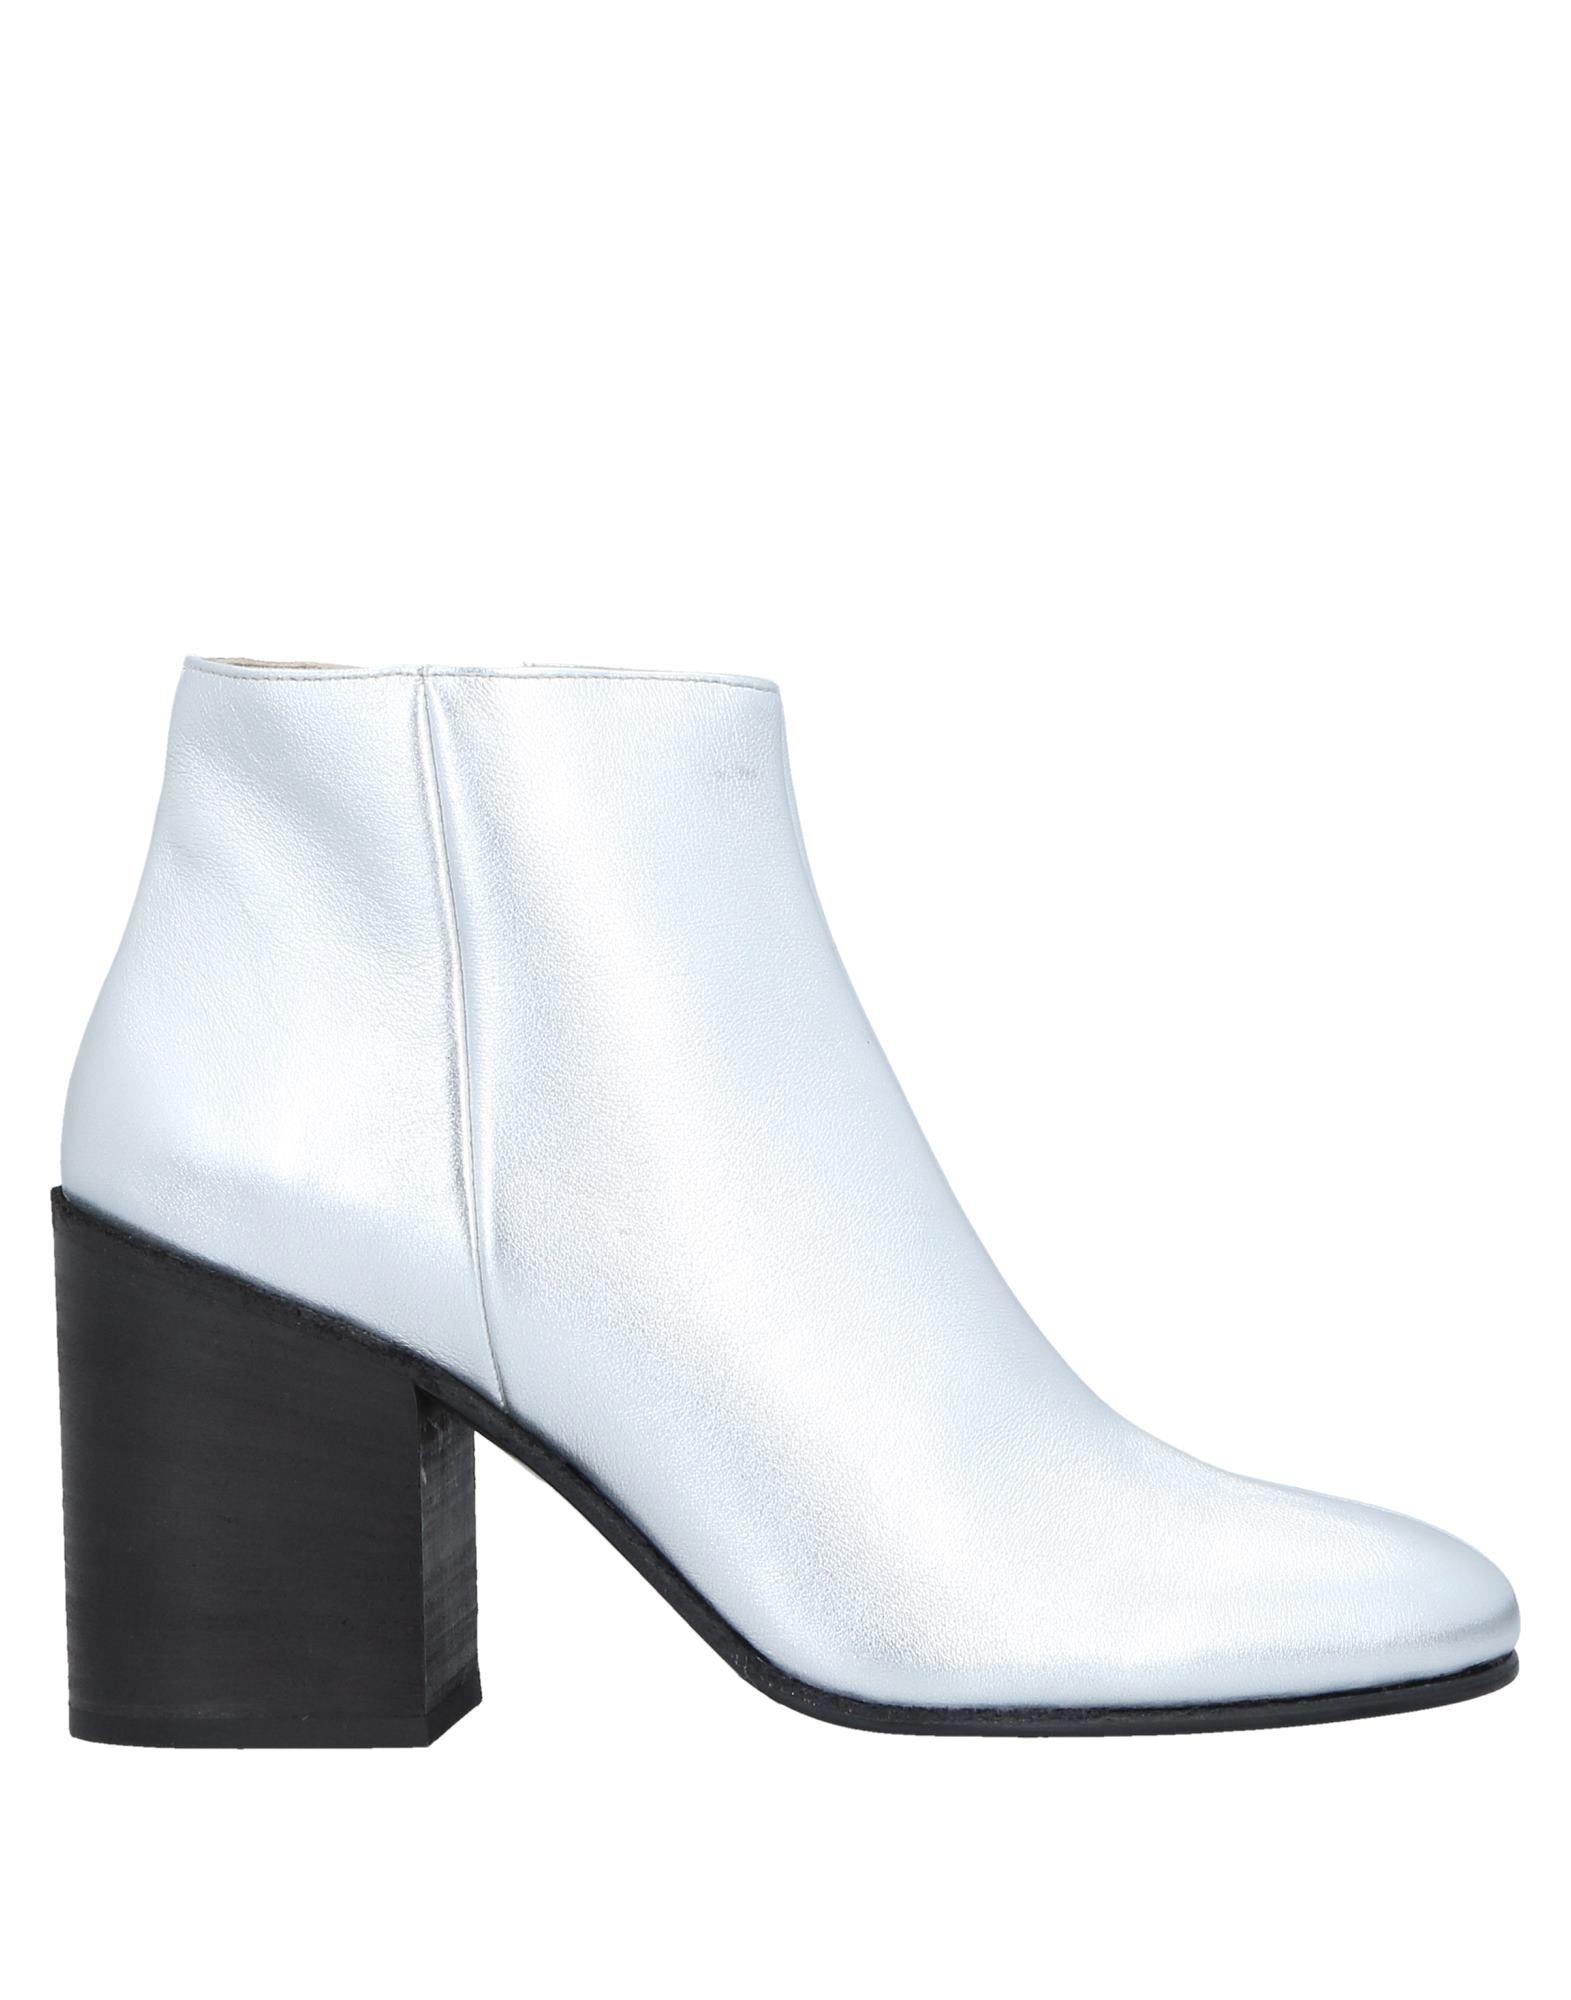 Acne Studios Stiefelette Damen  11517094QBGünstige gut aussehende Schuhe